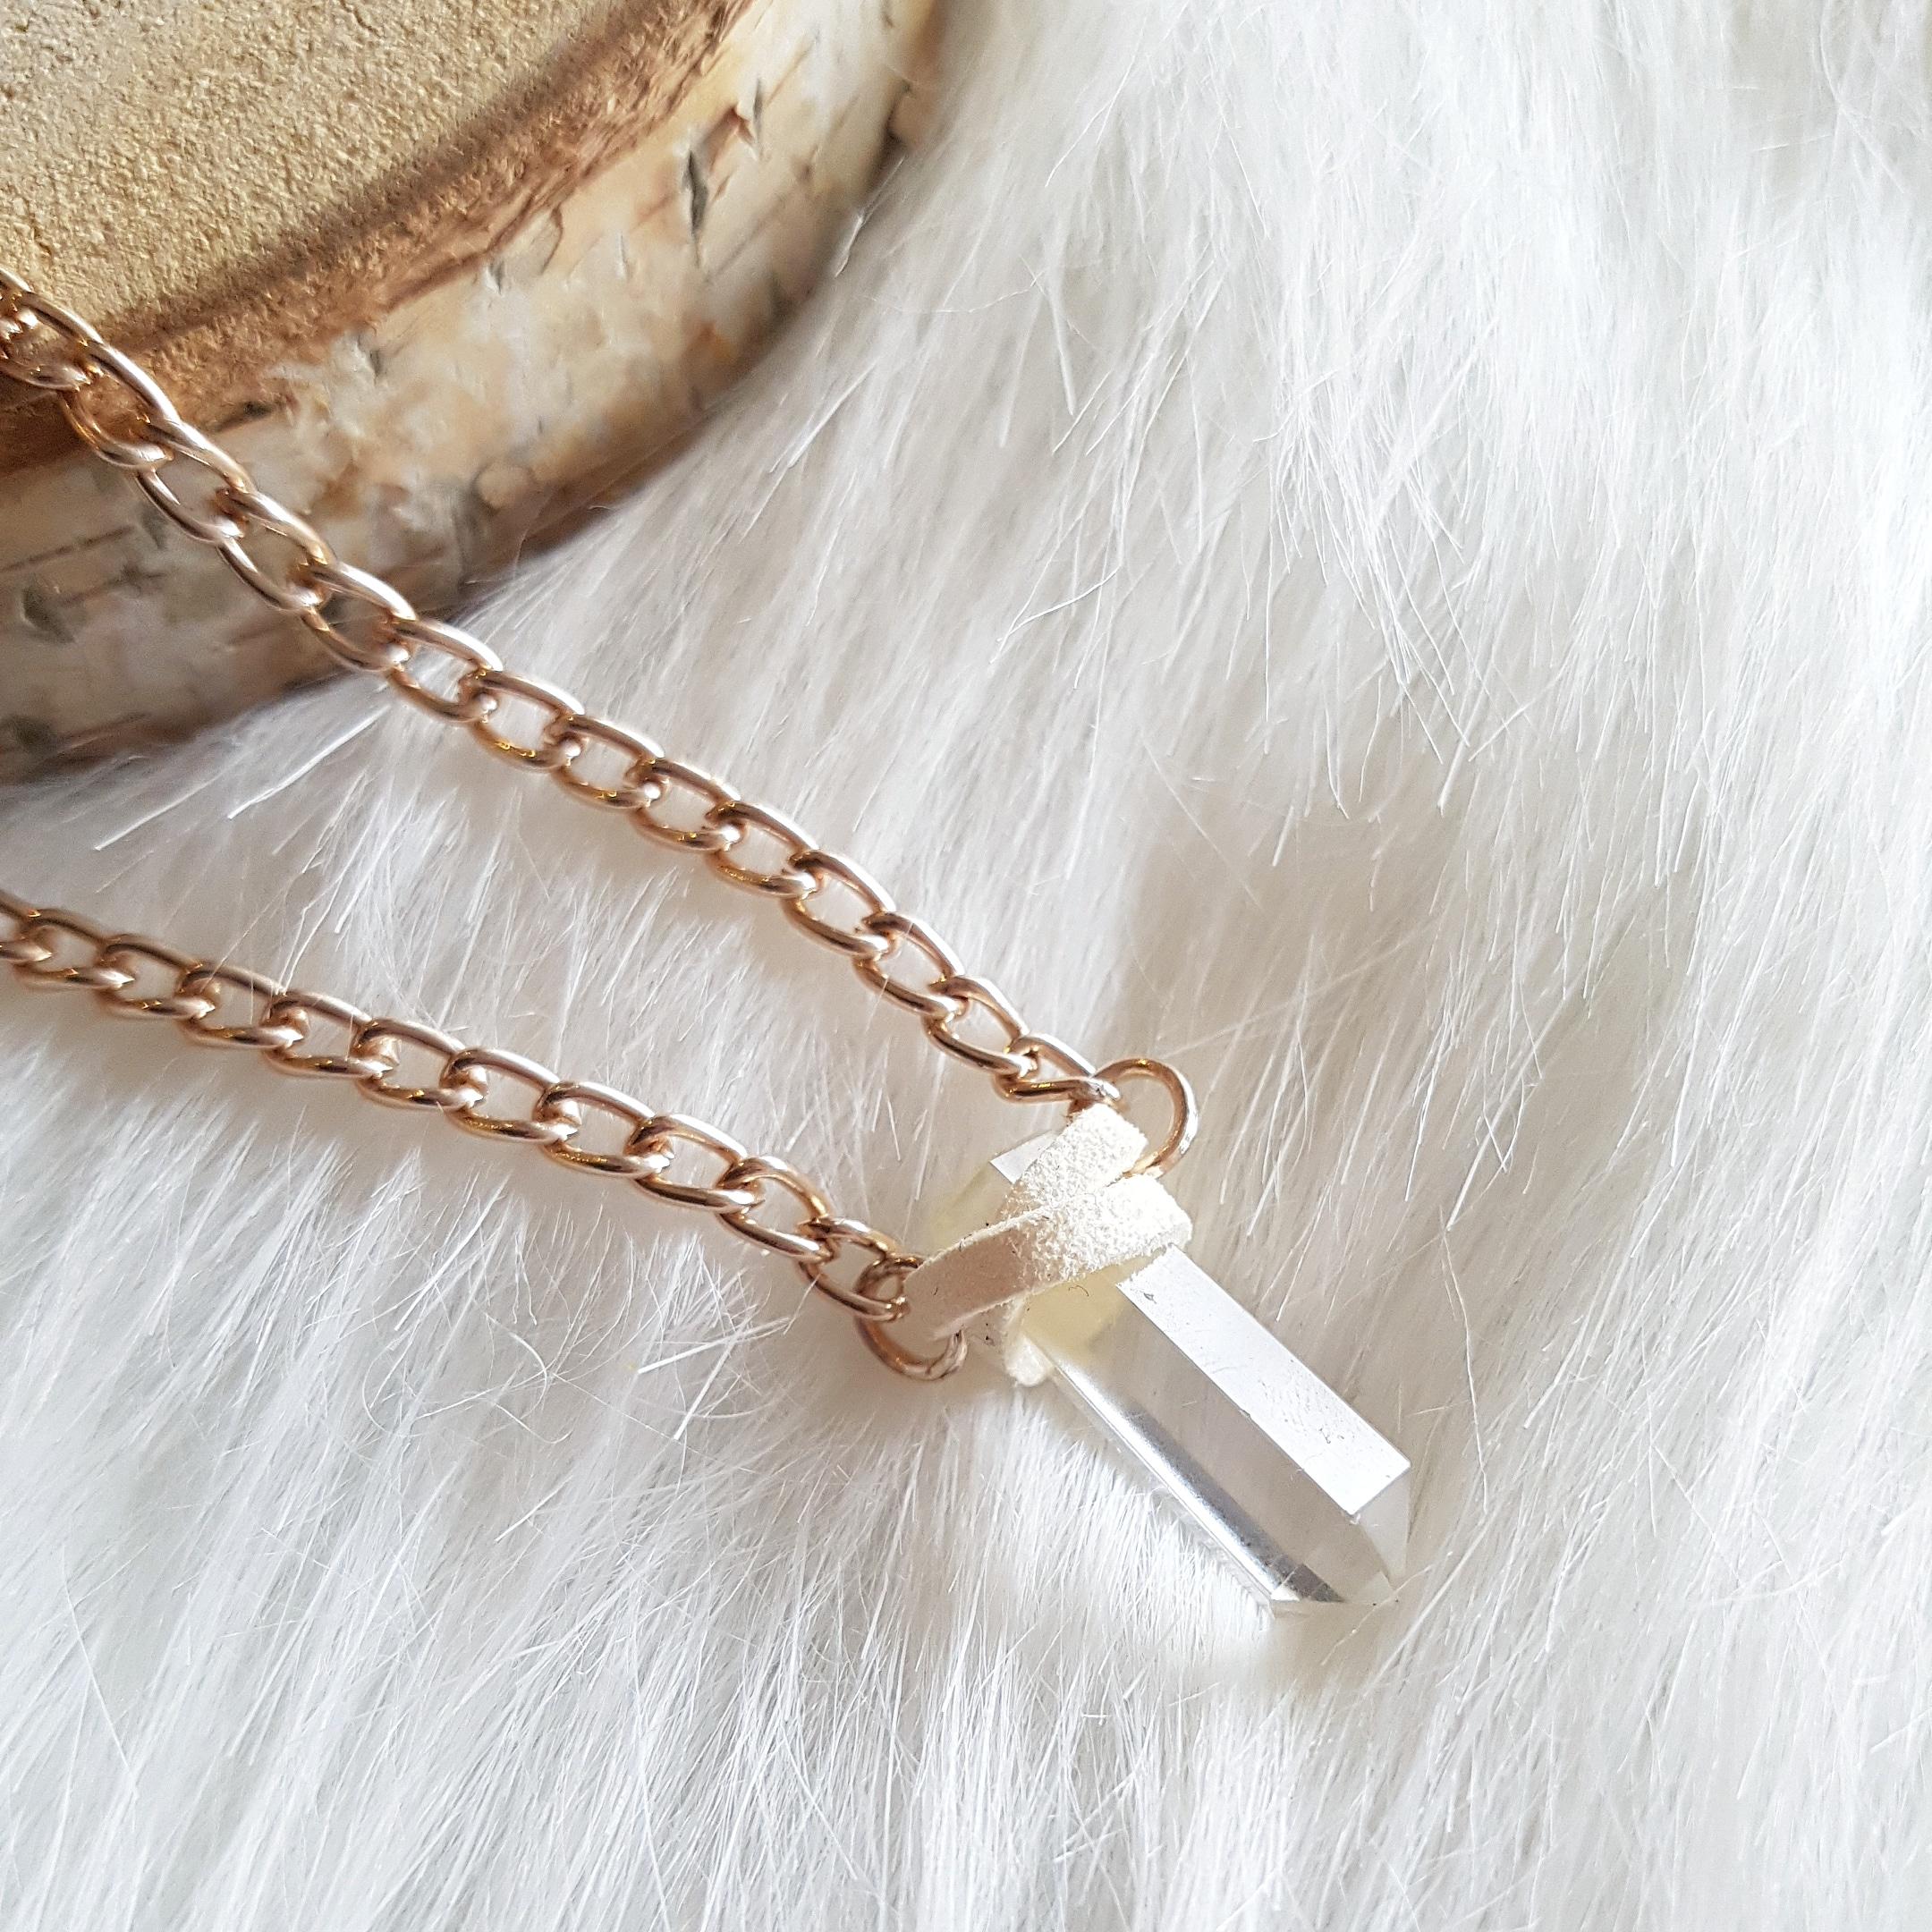 bergkristal punt ketting